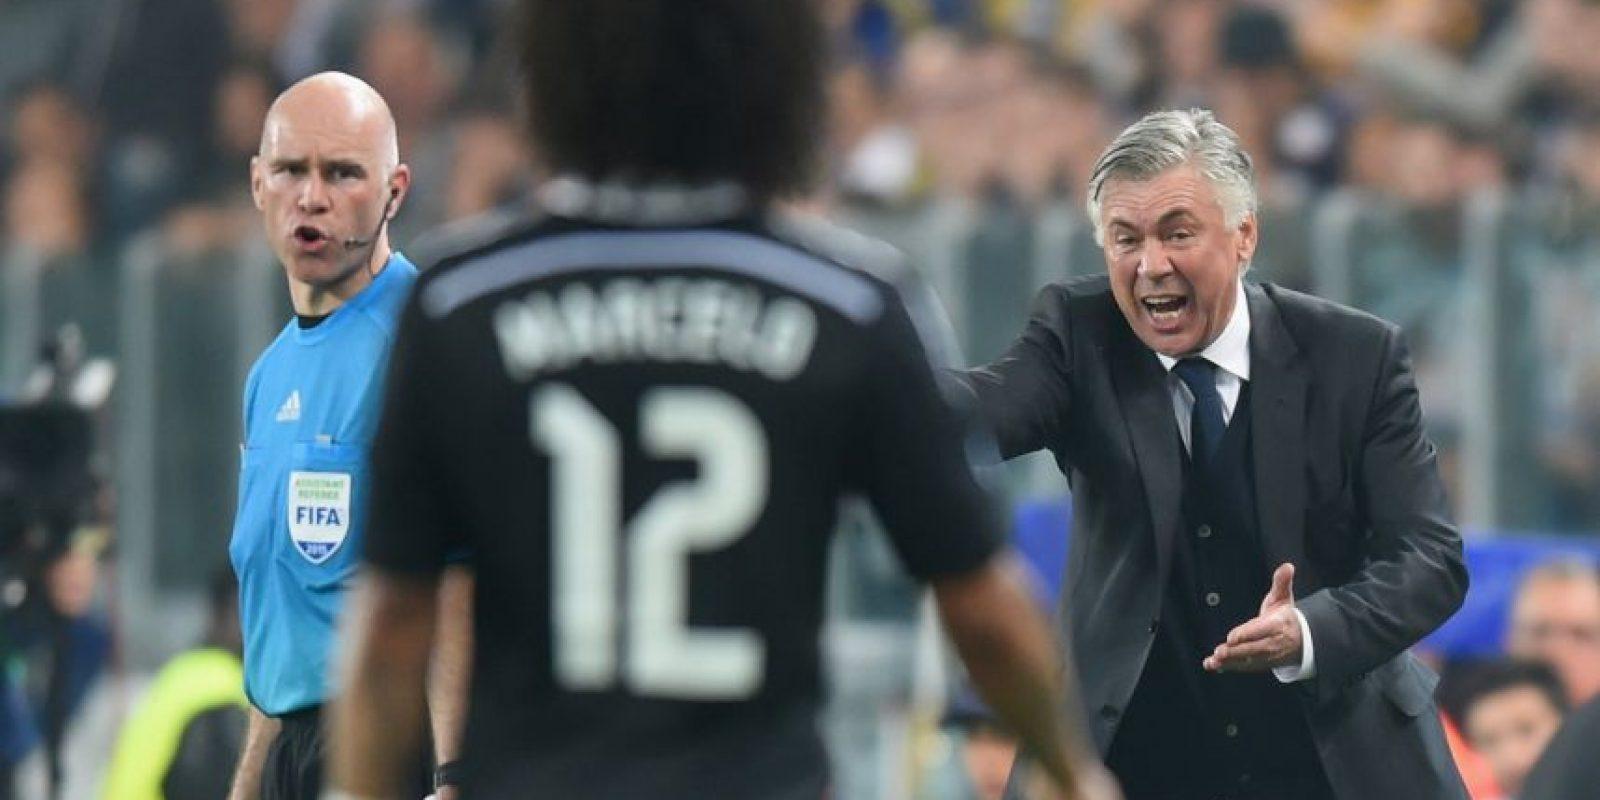 Los merengues deben ganar el partido con una diferencia de dos goles Foto:Getty Images